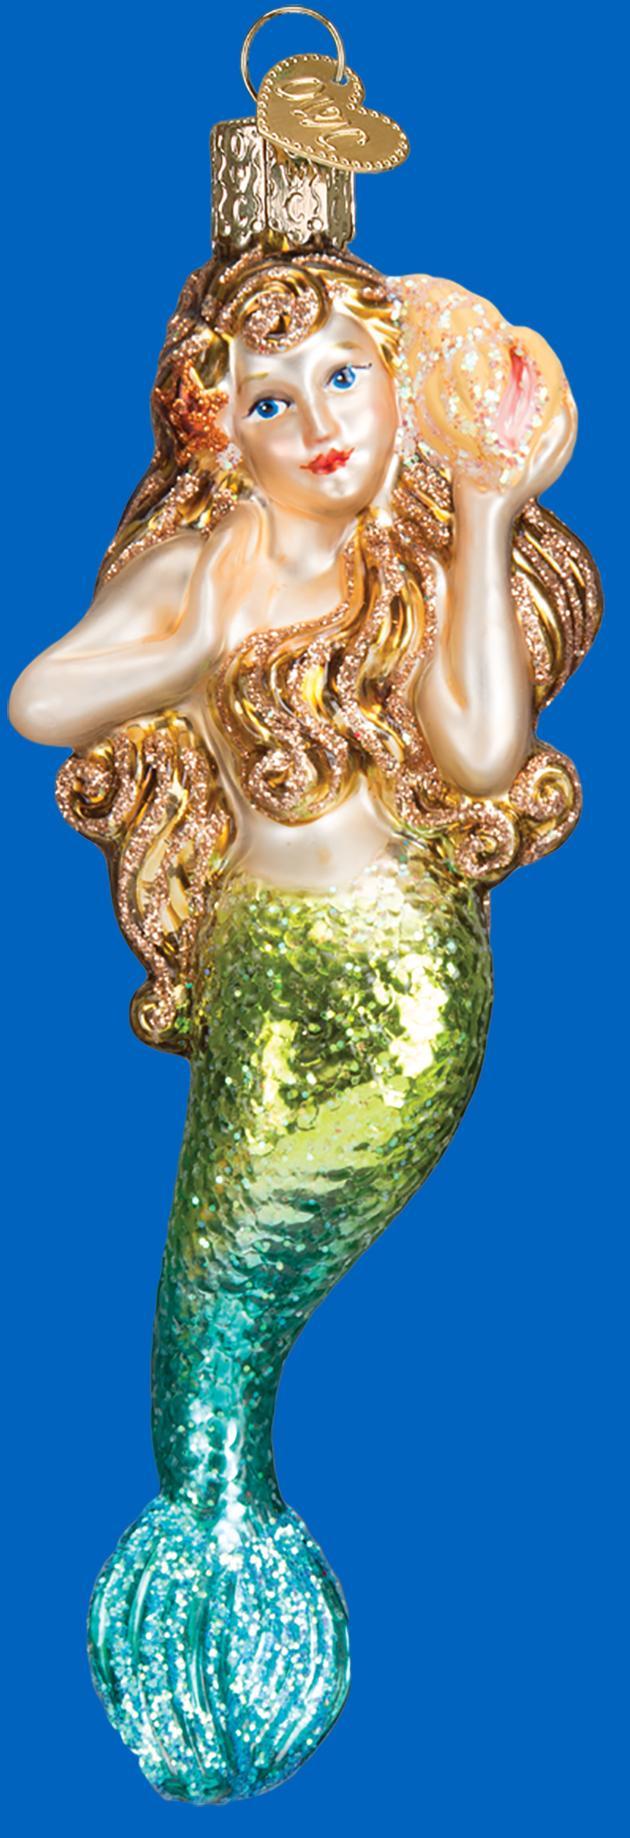 Old World Mermaid